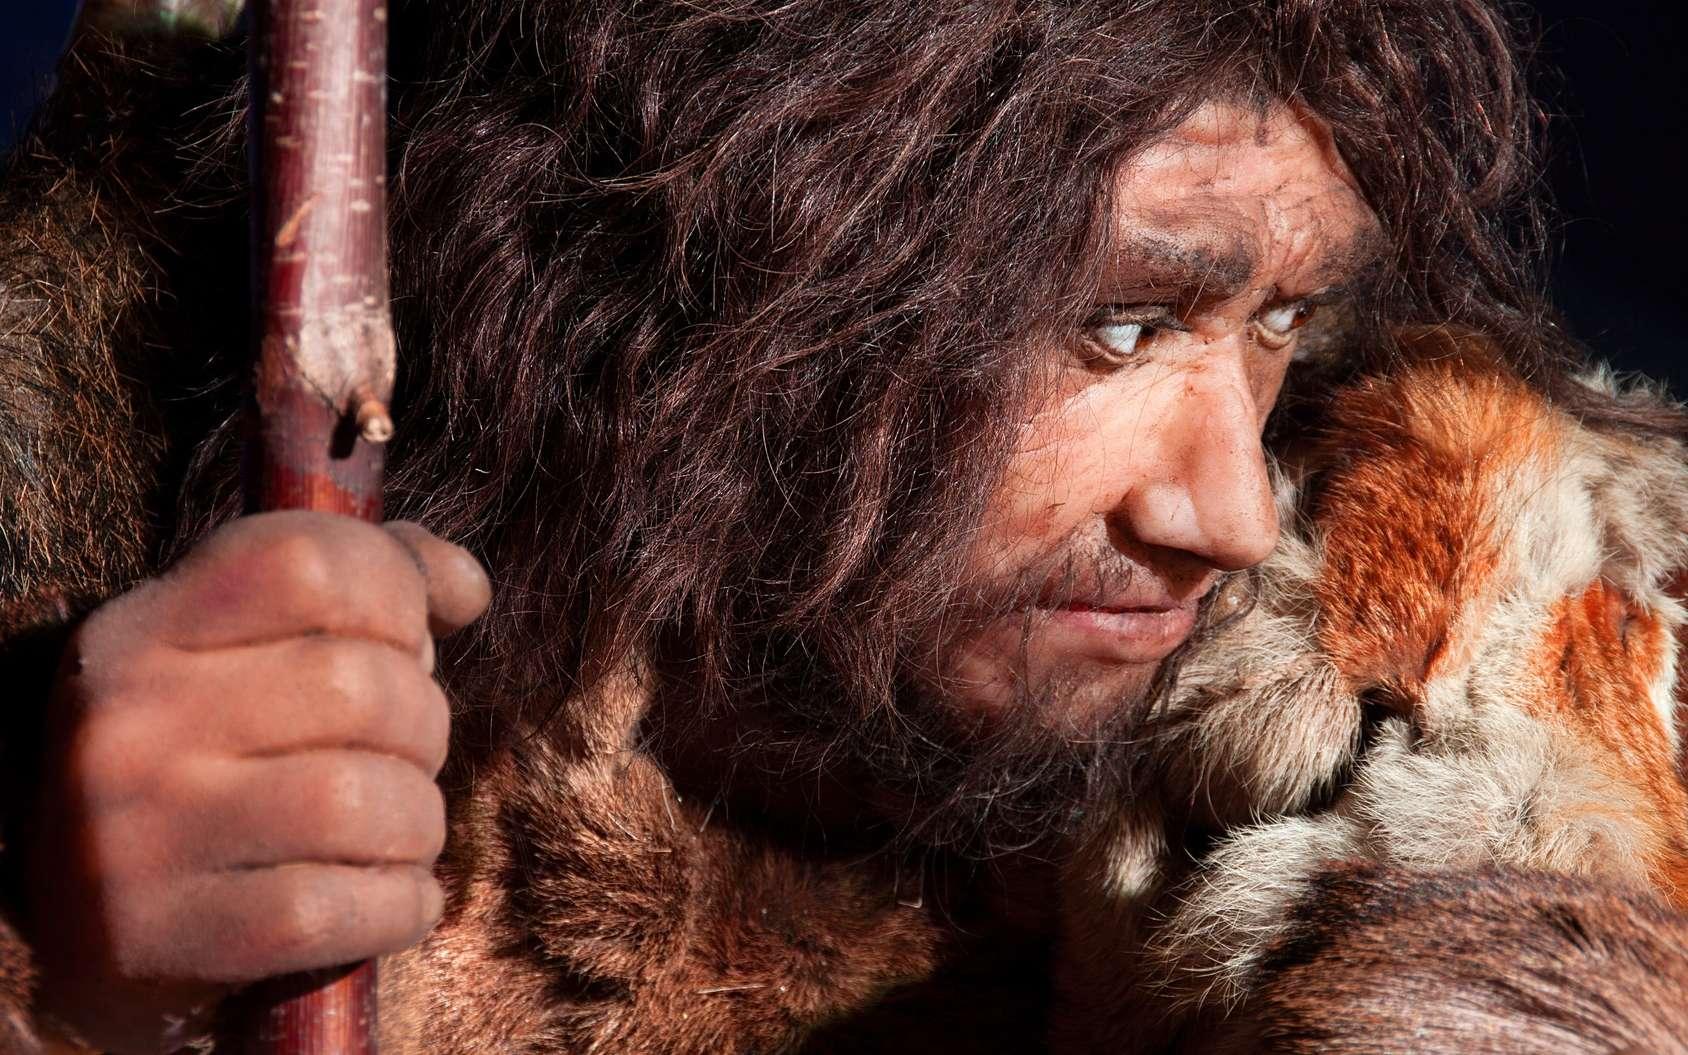 L'Homme de Néandertal devait réaliser des soins dentaires à l'aide de sortes de cure-dents. © procy_ab, Fotolia